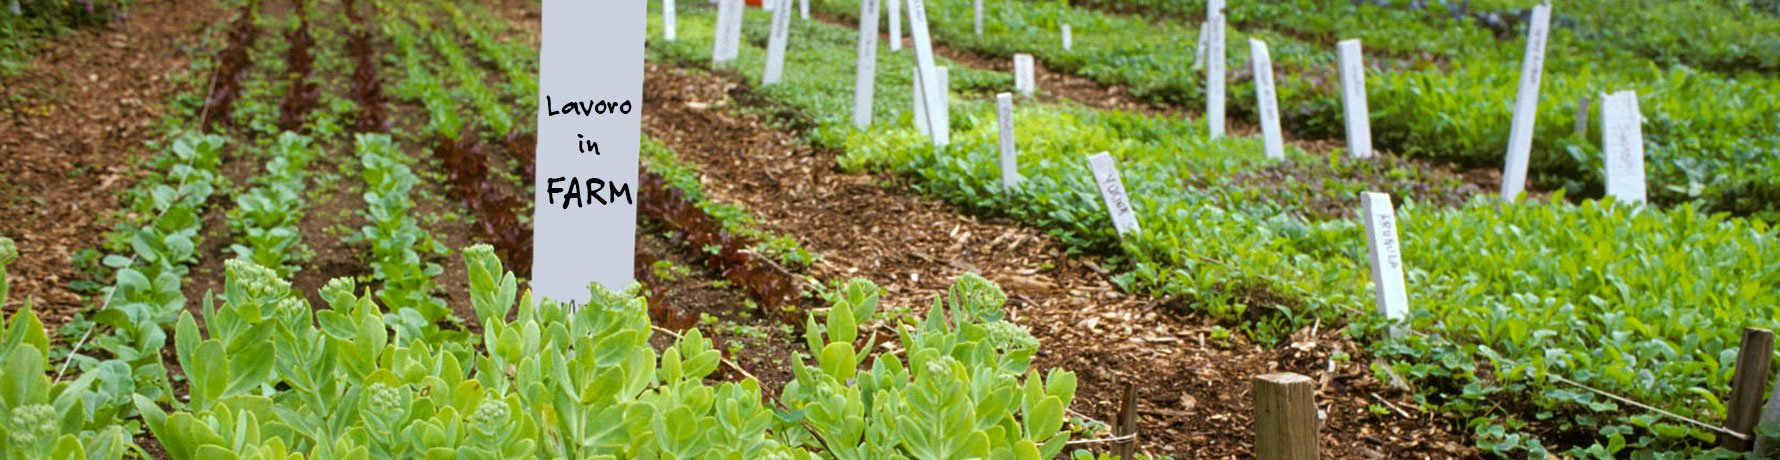 Consigli e opinioni sul lavoro in farm - L'esperienza di Corinna e Simone